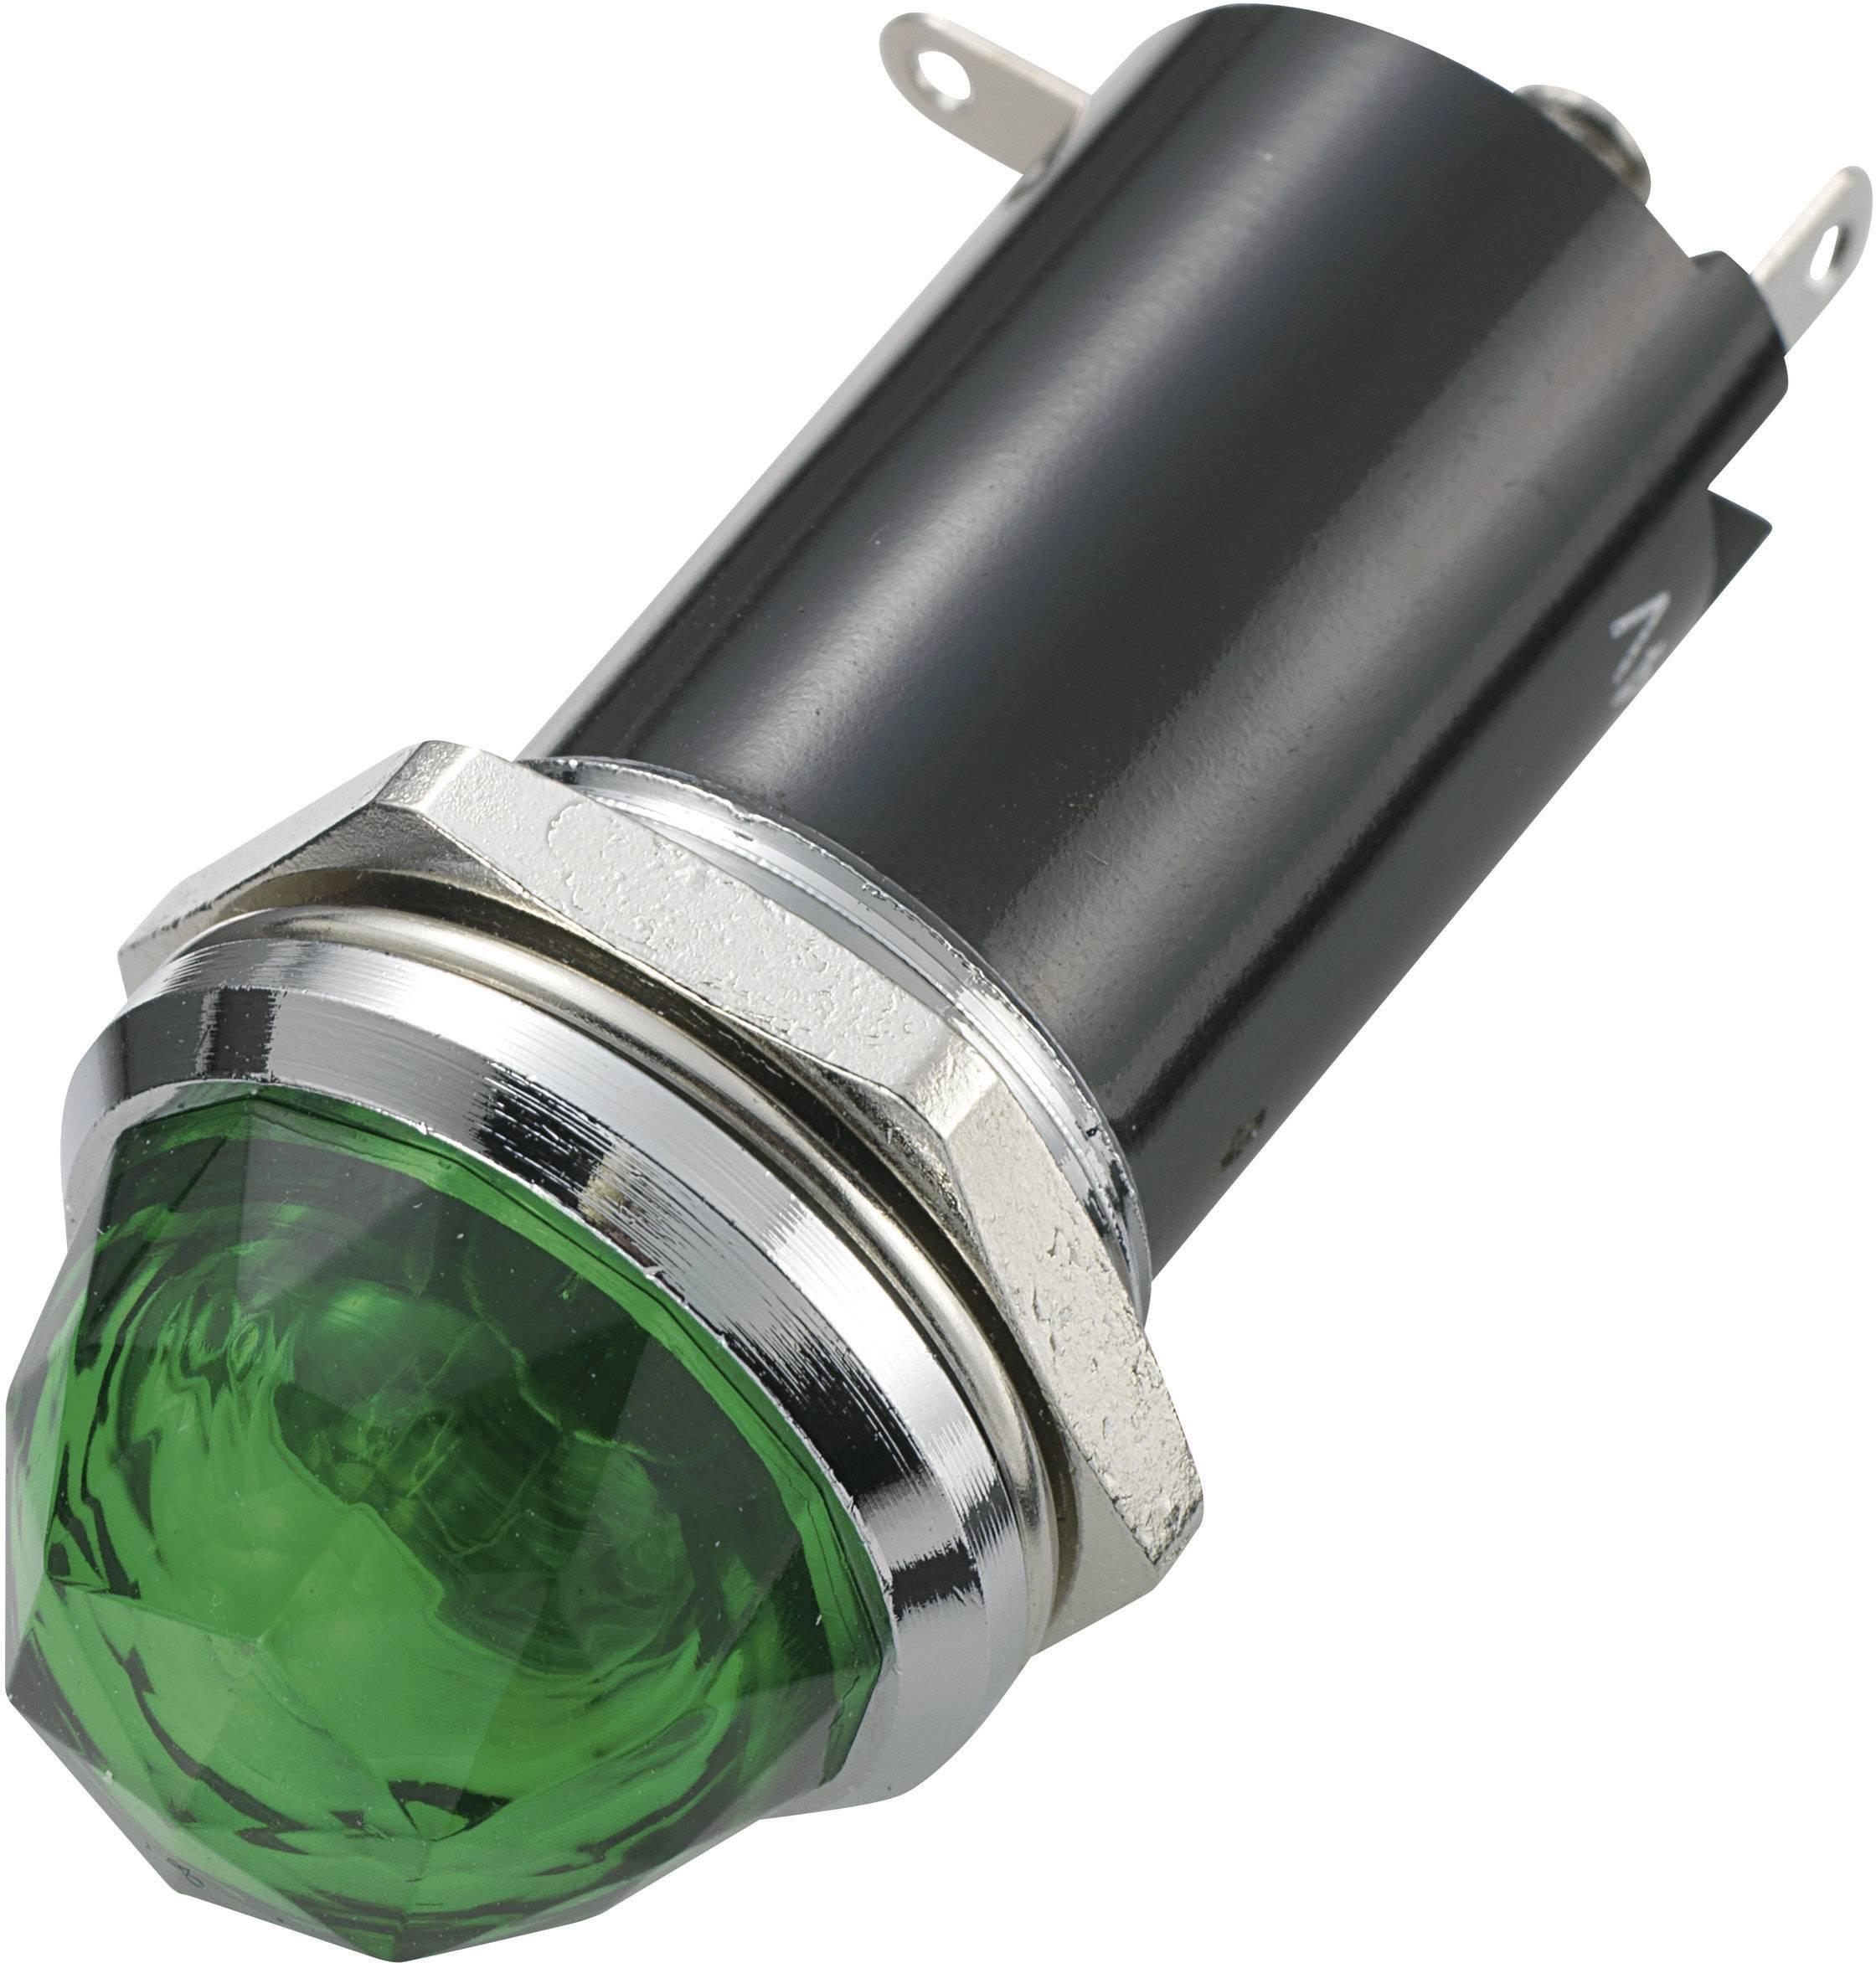 Signalizační světlo SCI, 12 V/DC, 16,2 mm, kulaté, zelené